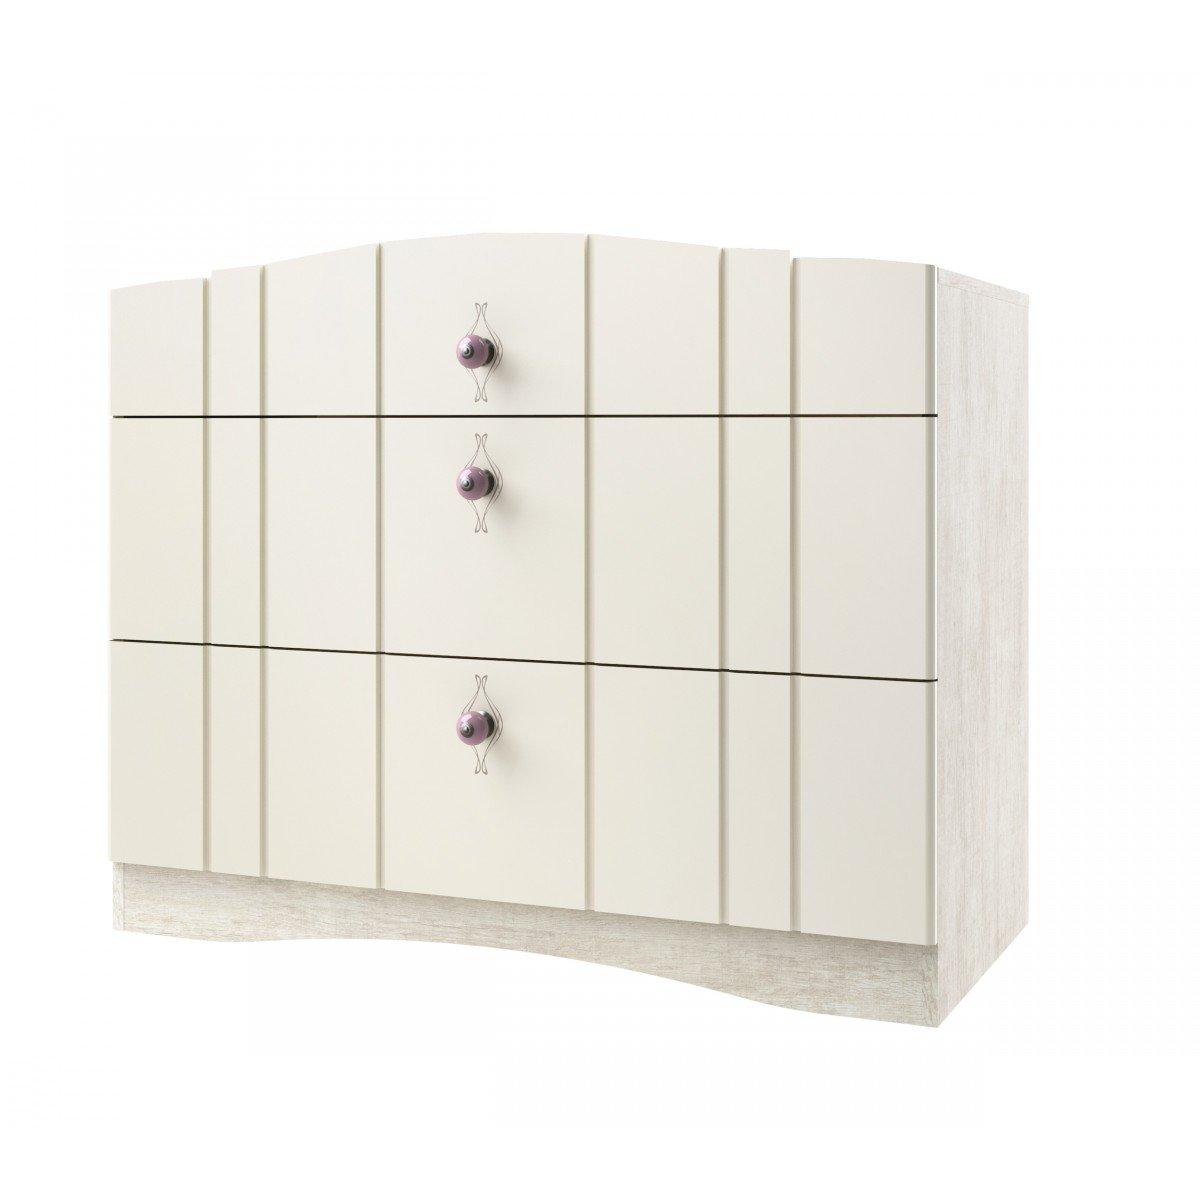 Commode 3 tiroirs imitation chêne ivoire CO4004 - Terre de Nuit